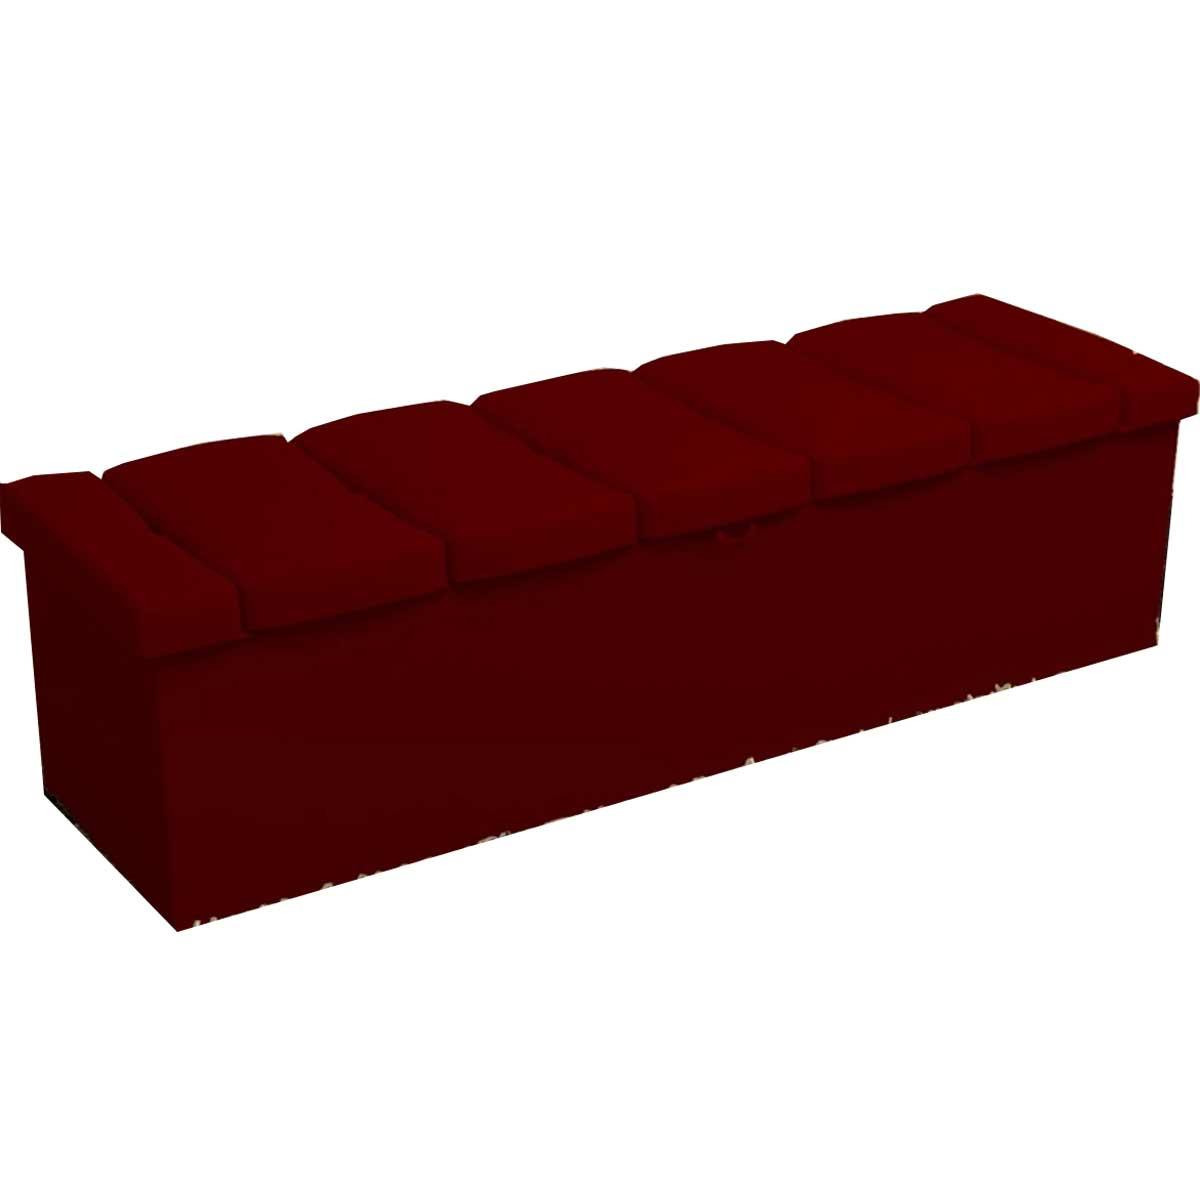 Calçadeira com Baú Estofada Baú Kiara 195 cm Suede Vermelho